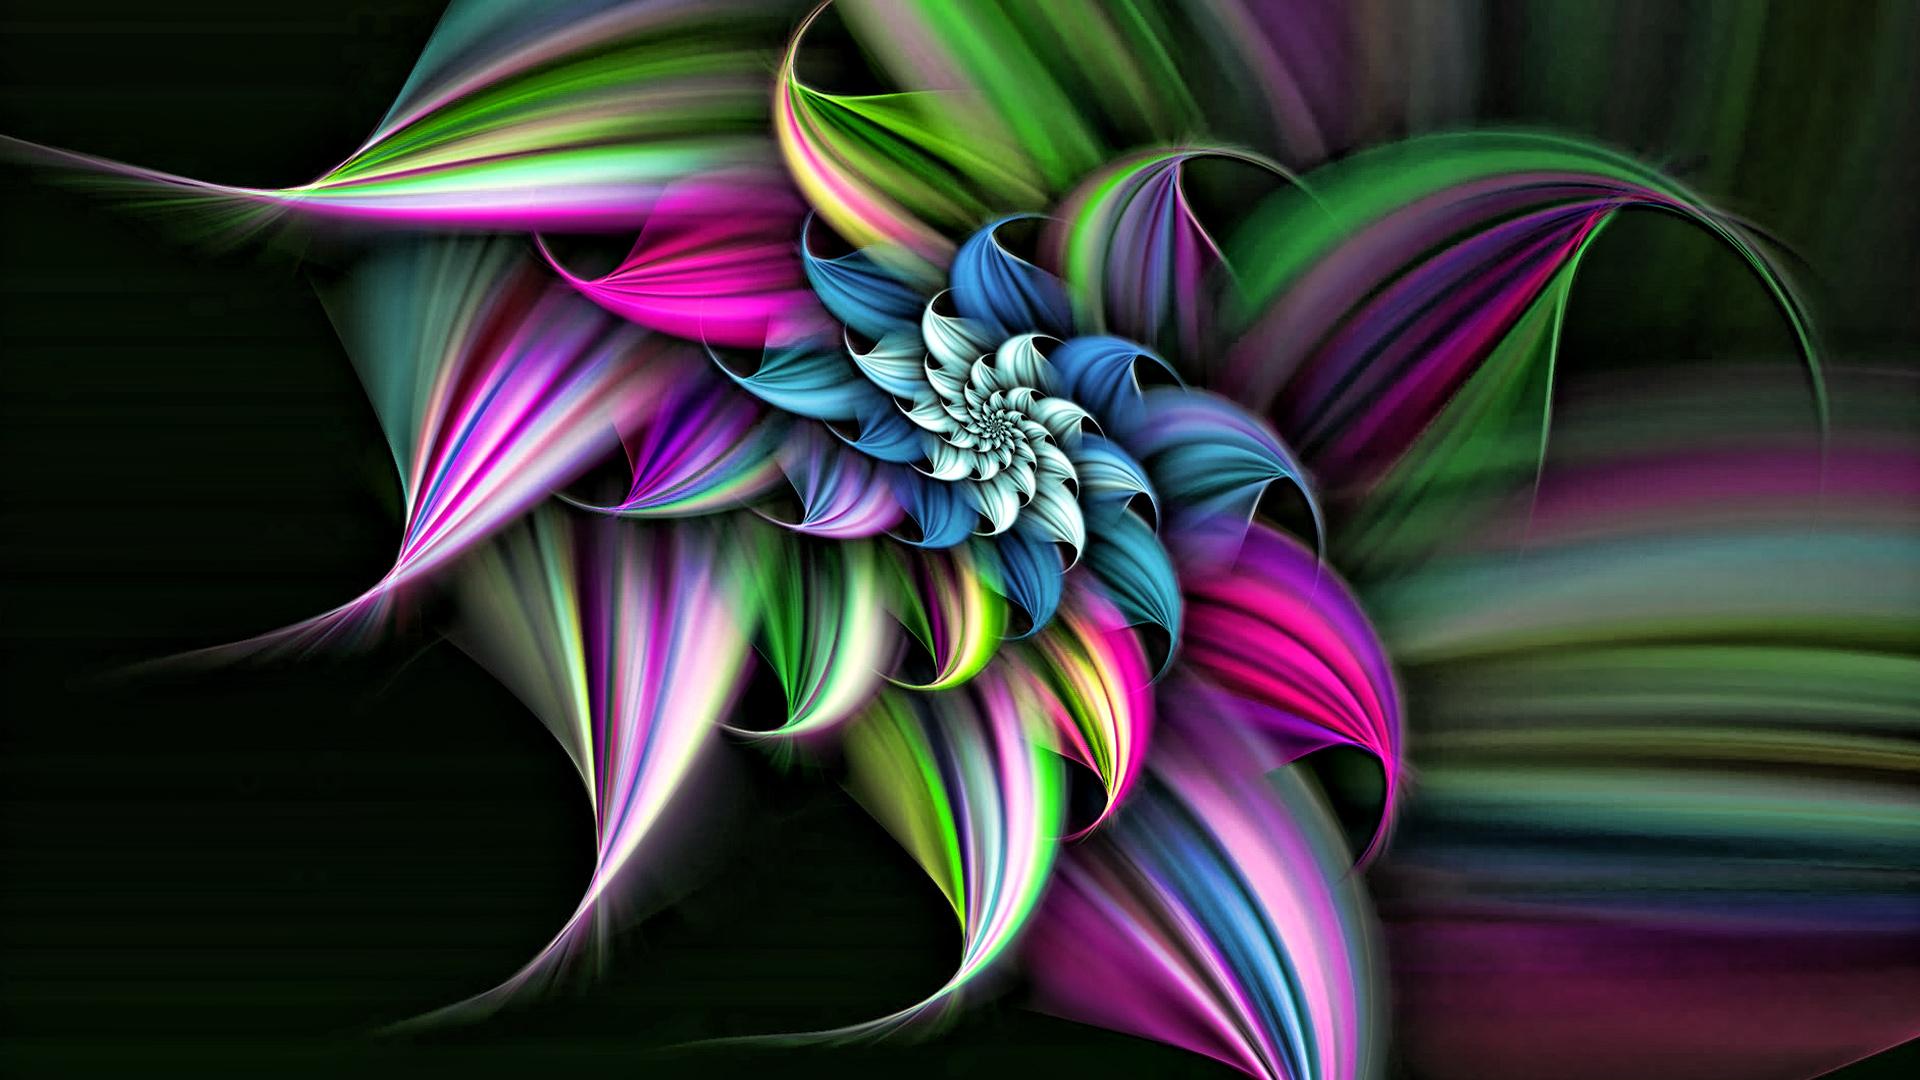 3D Flower HD Wallpapers 1920x1080